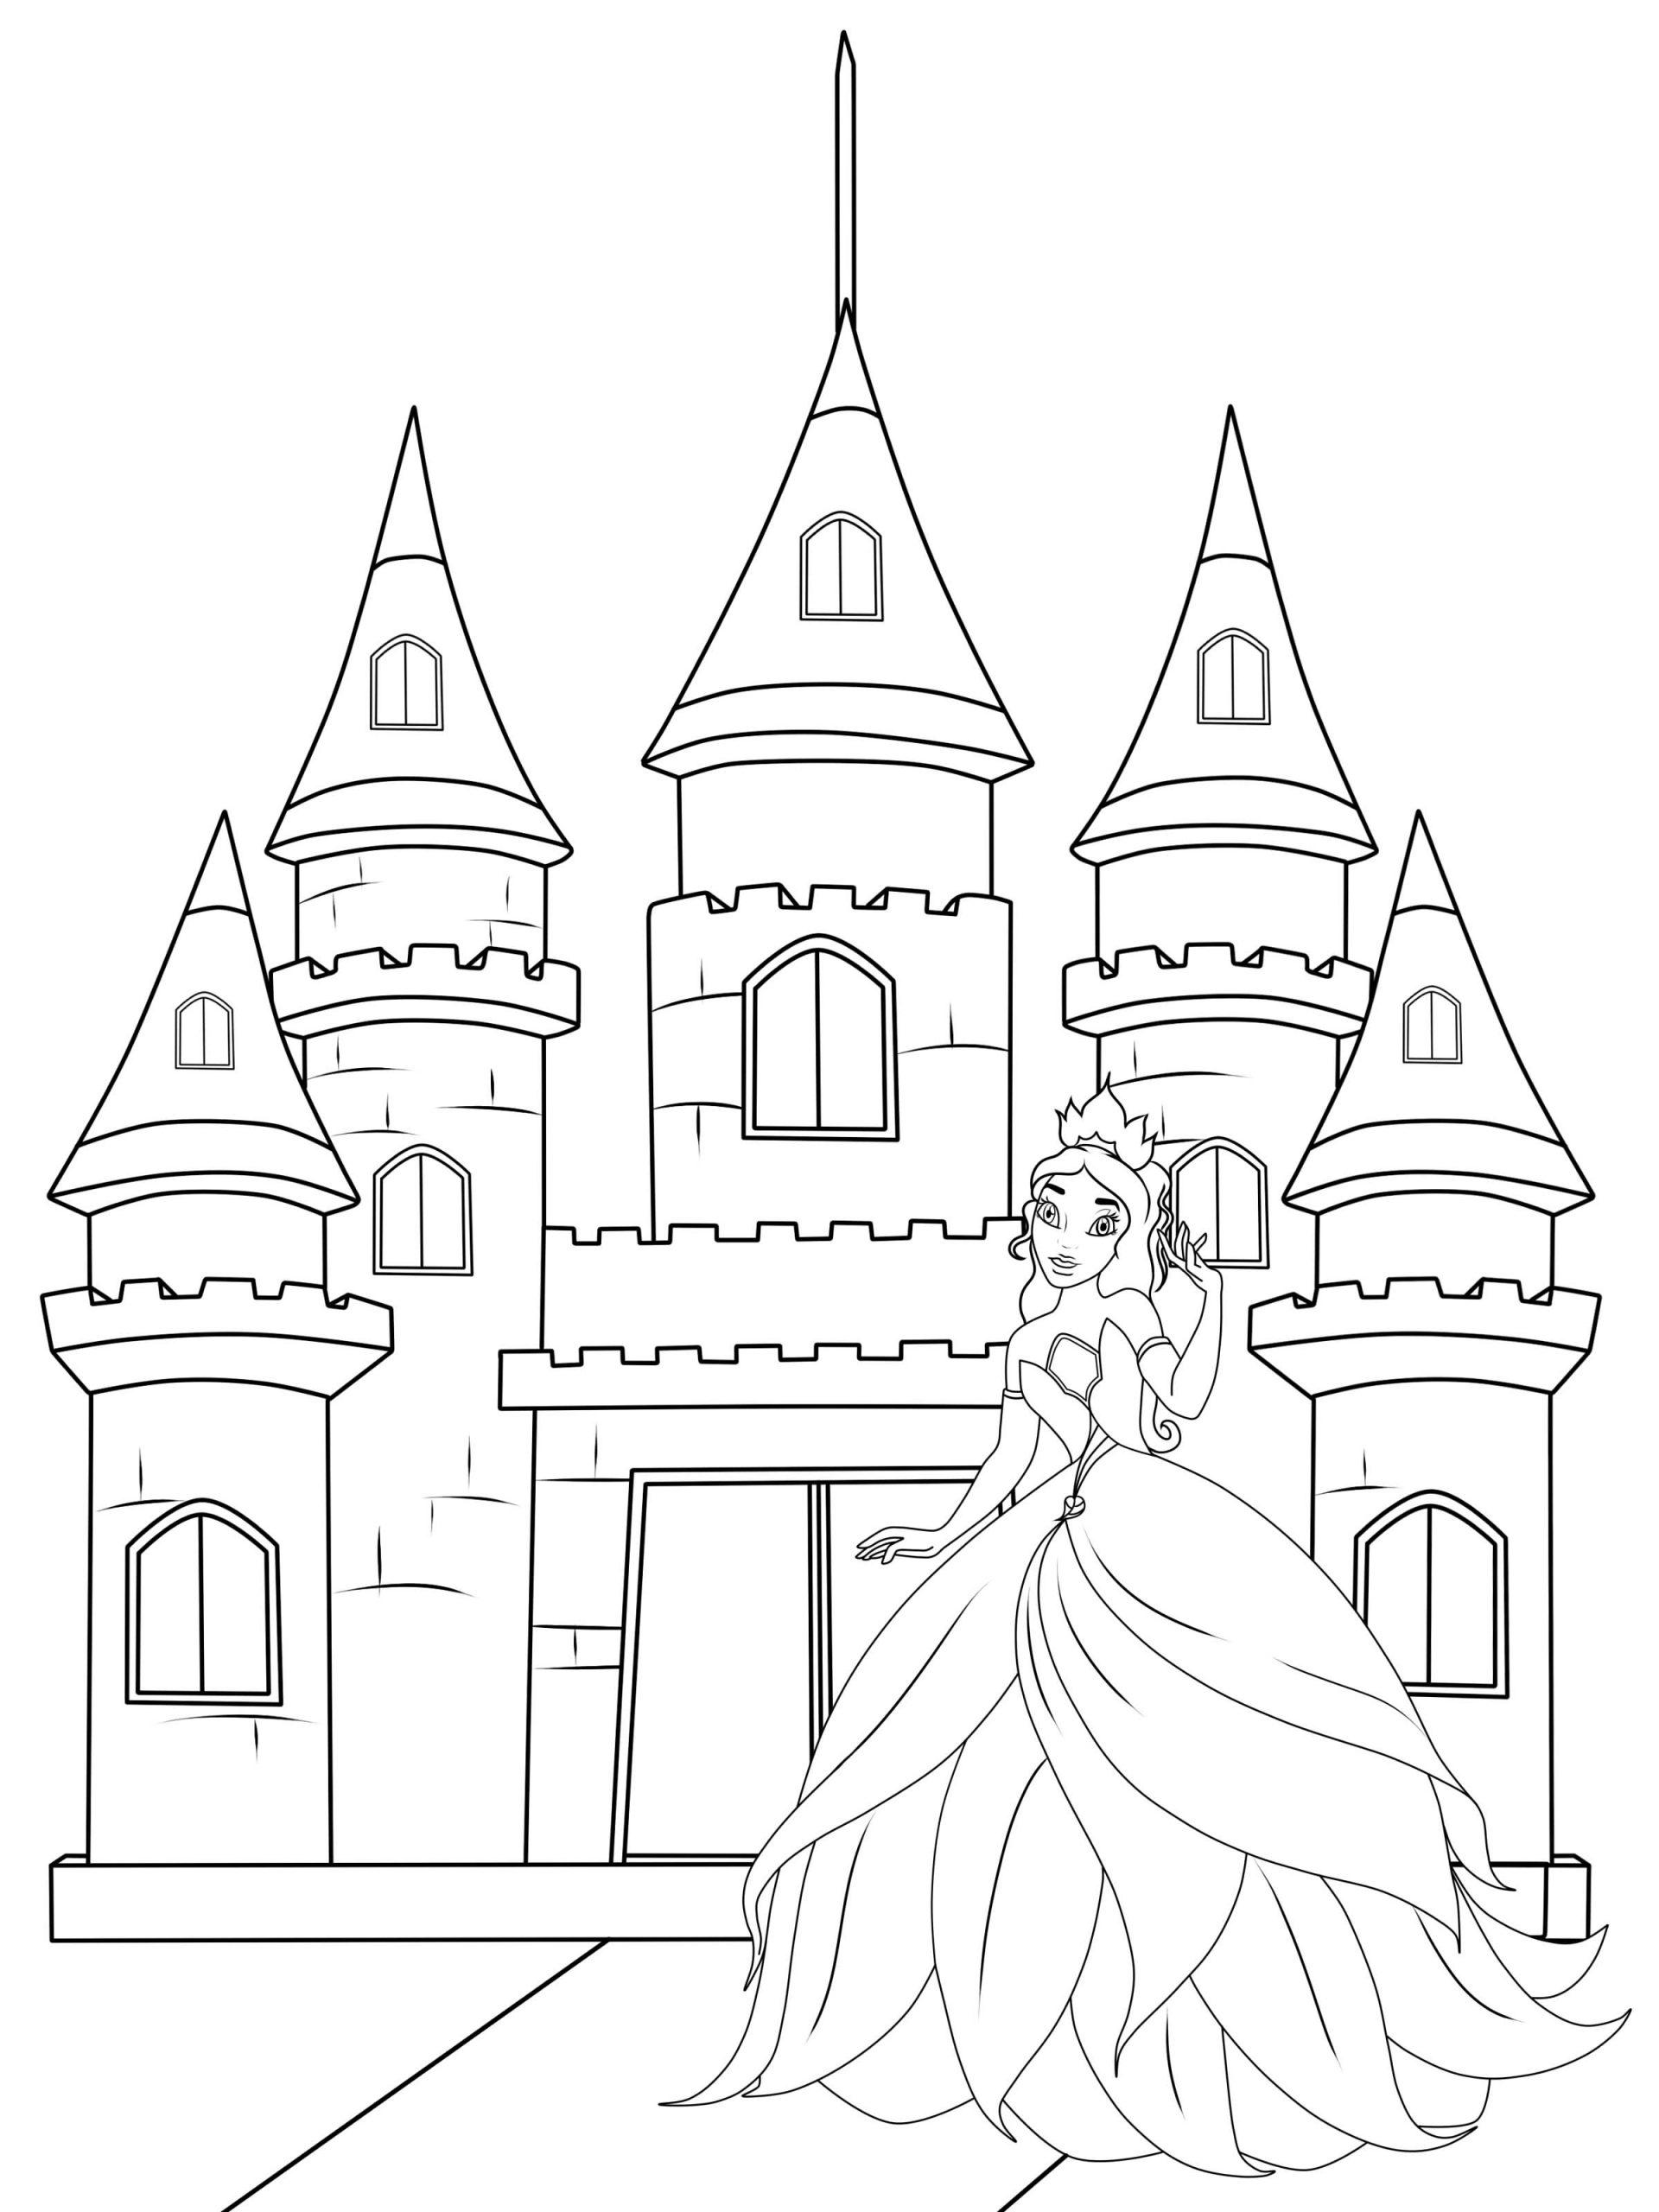 Coloriage À Imprimer : Le Château De La Princesse tout Coloriage À Imprimer Chateau De Princesse